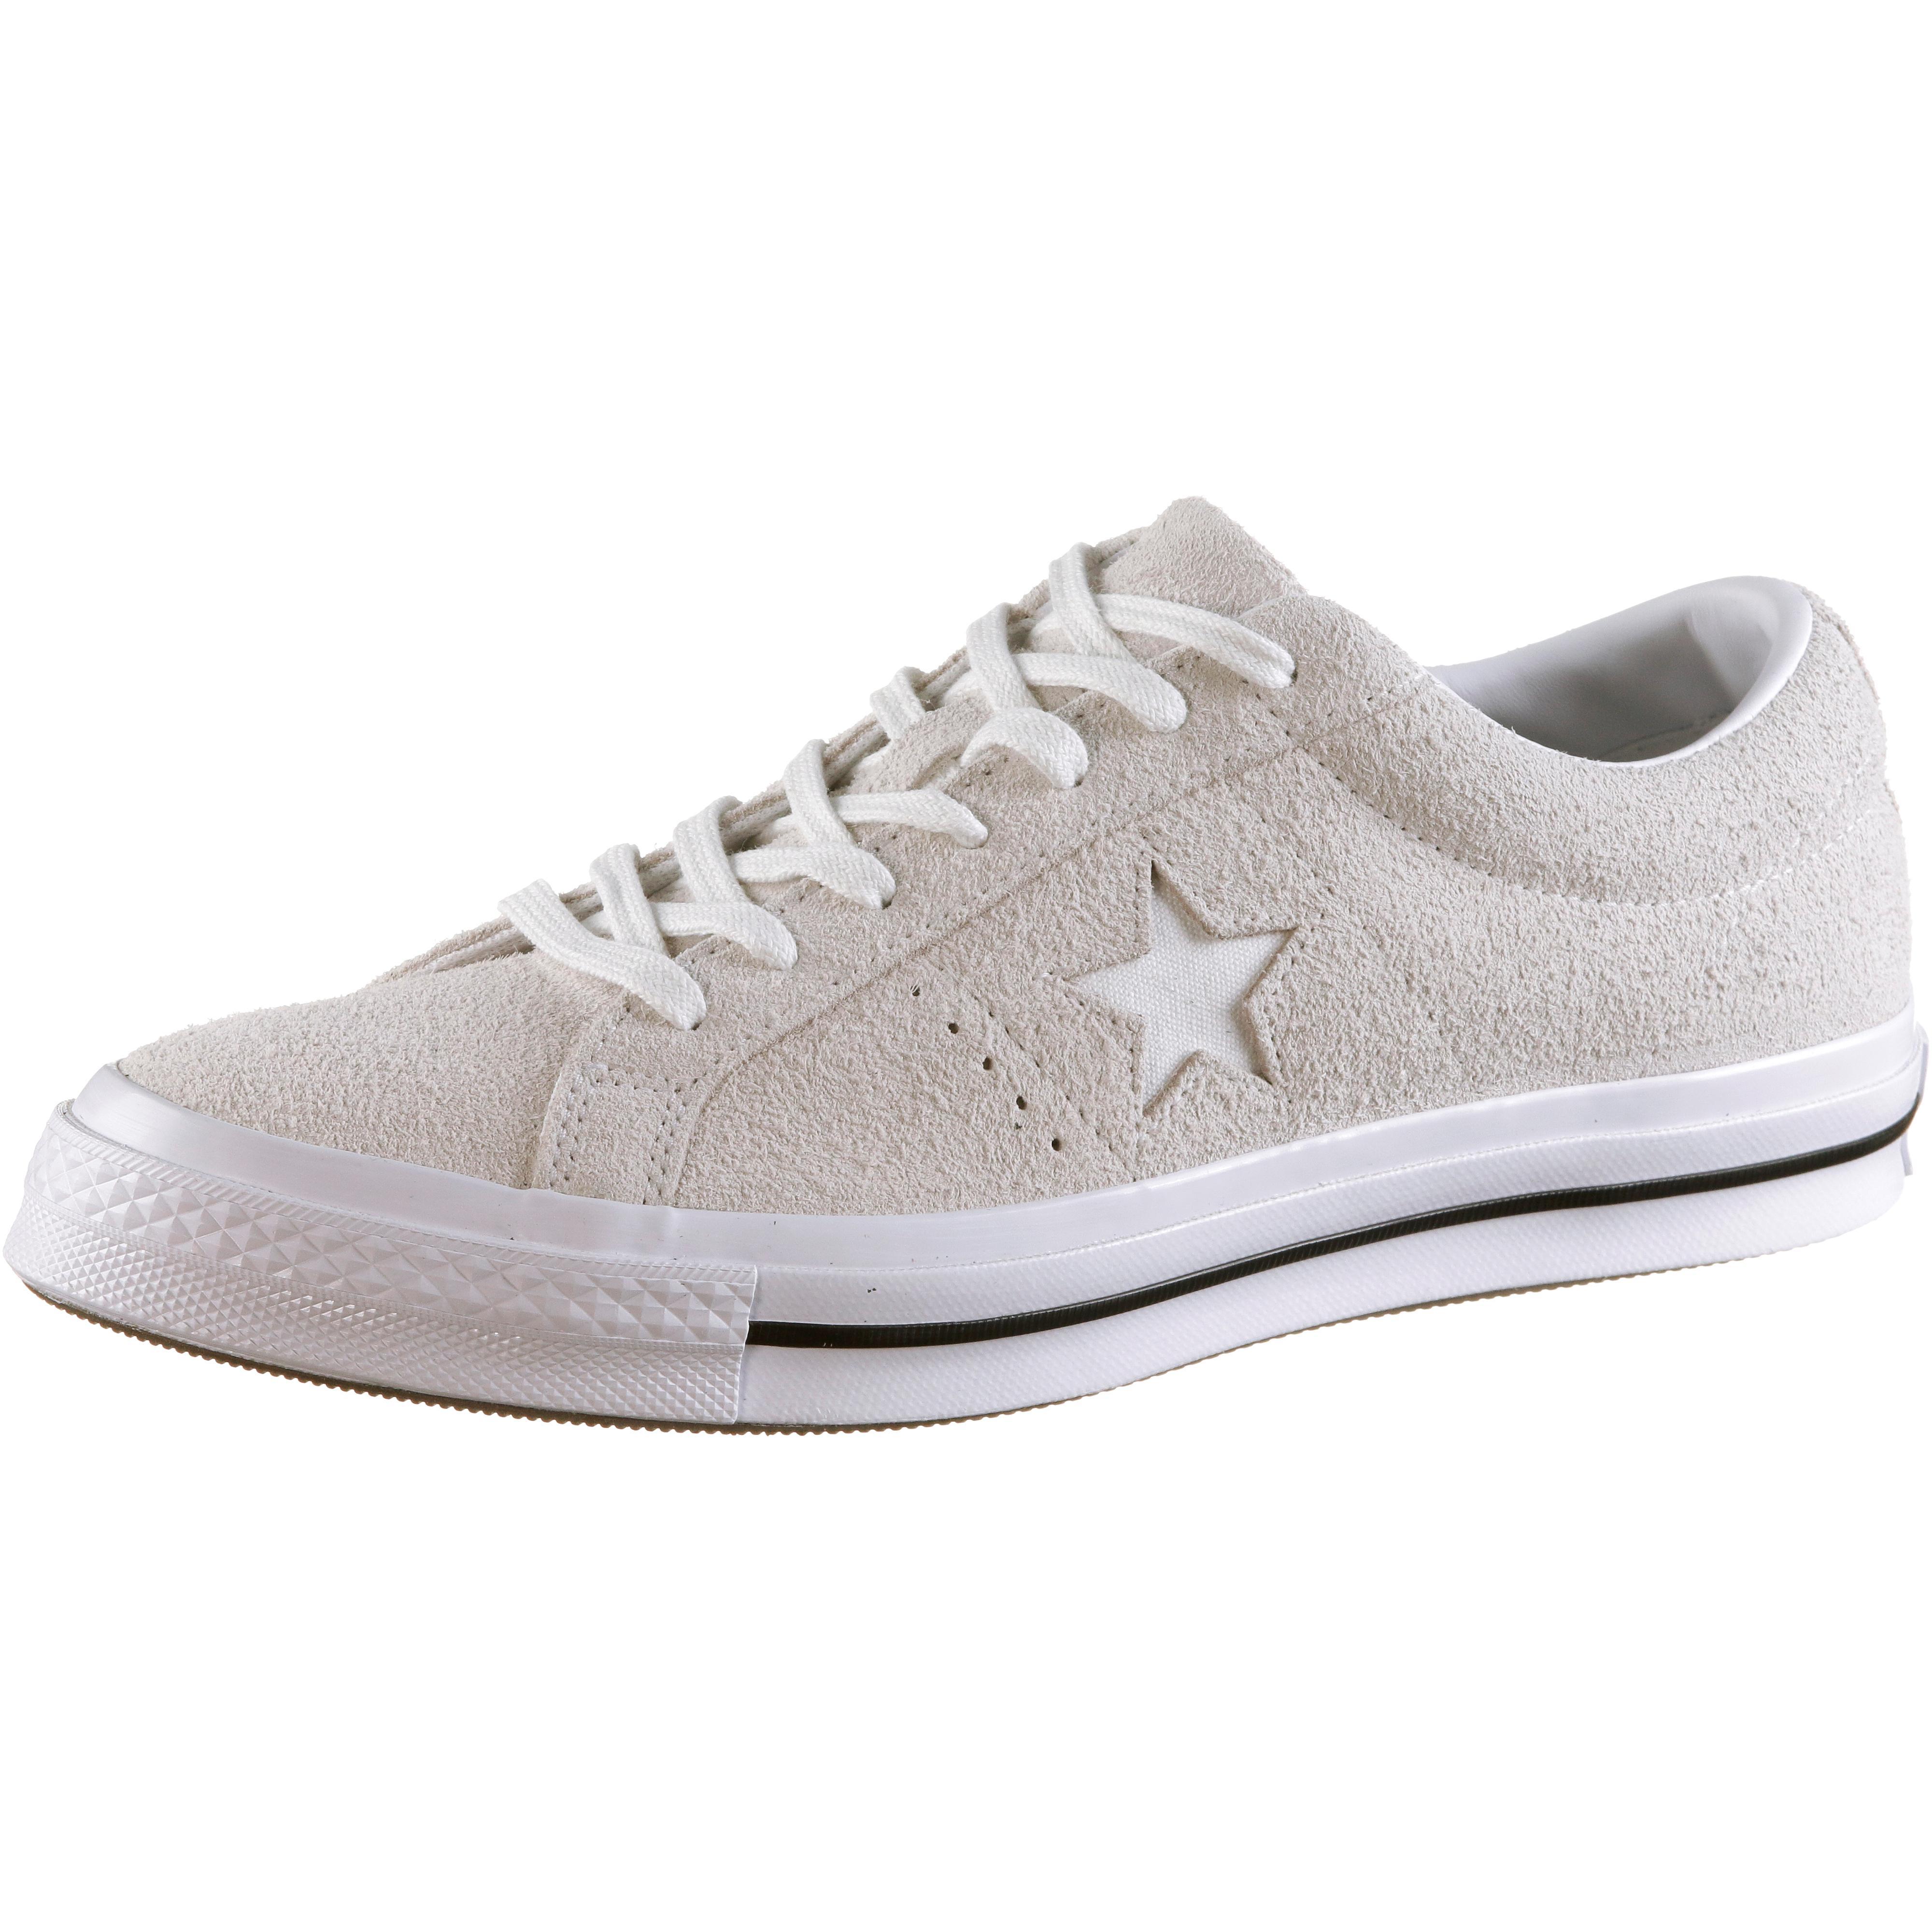 CONVERSE One Star Ox Turnschuhe Herren Weiß-Weiß-Weiß im Online Shop von SportScheck kaufen Gute Qualität beliebte Schuhe